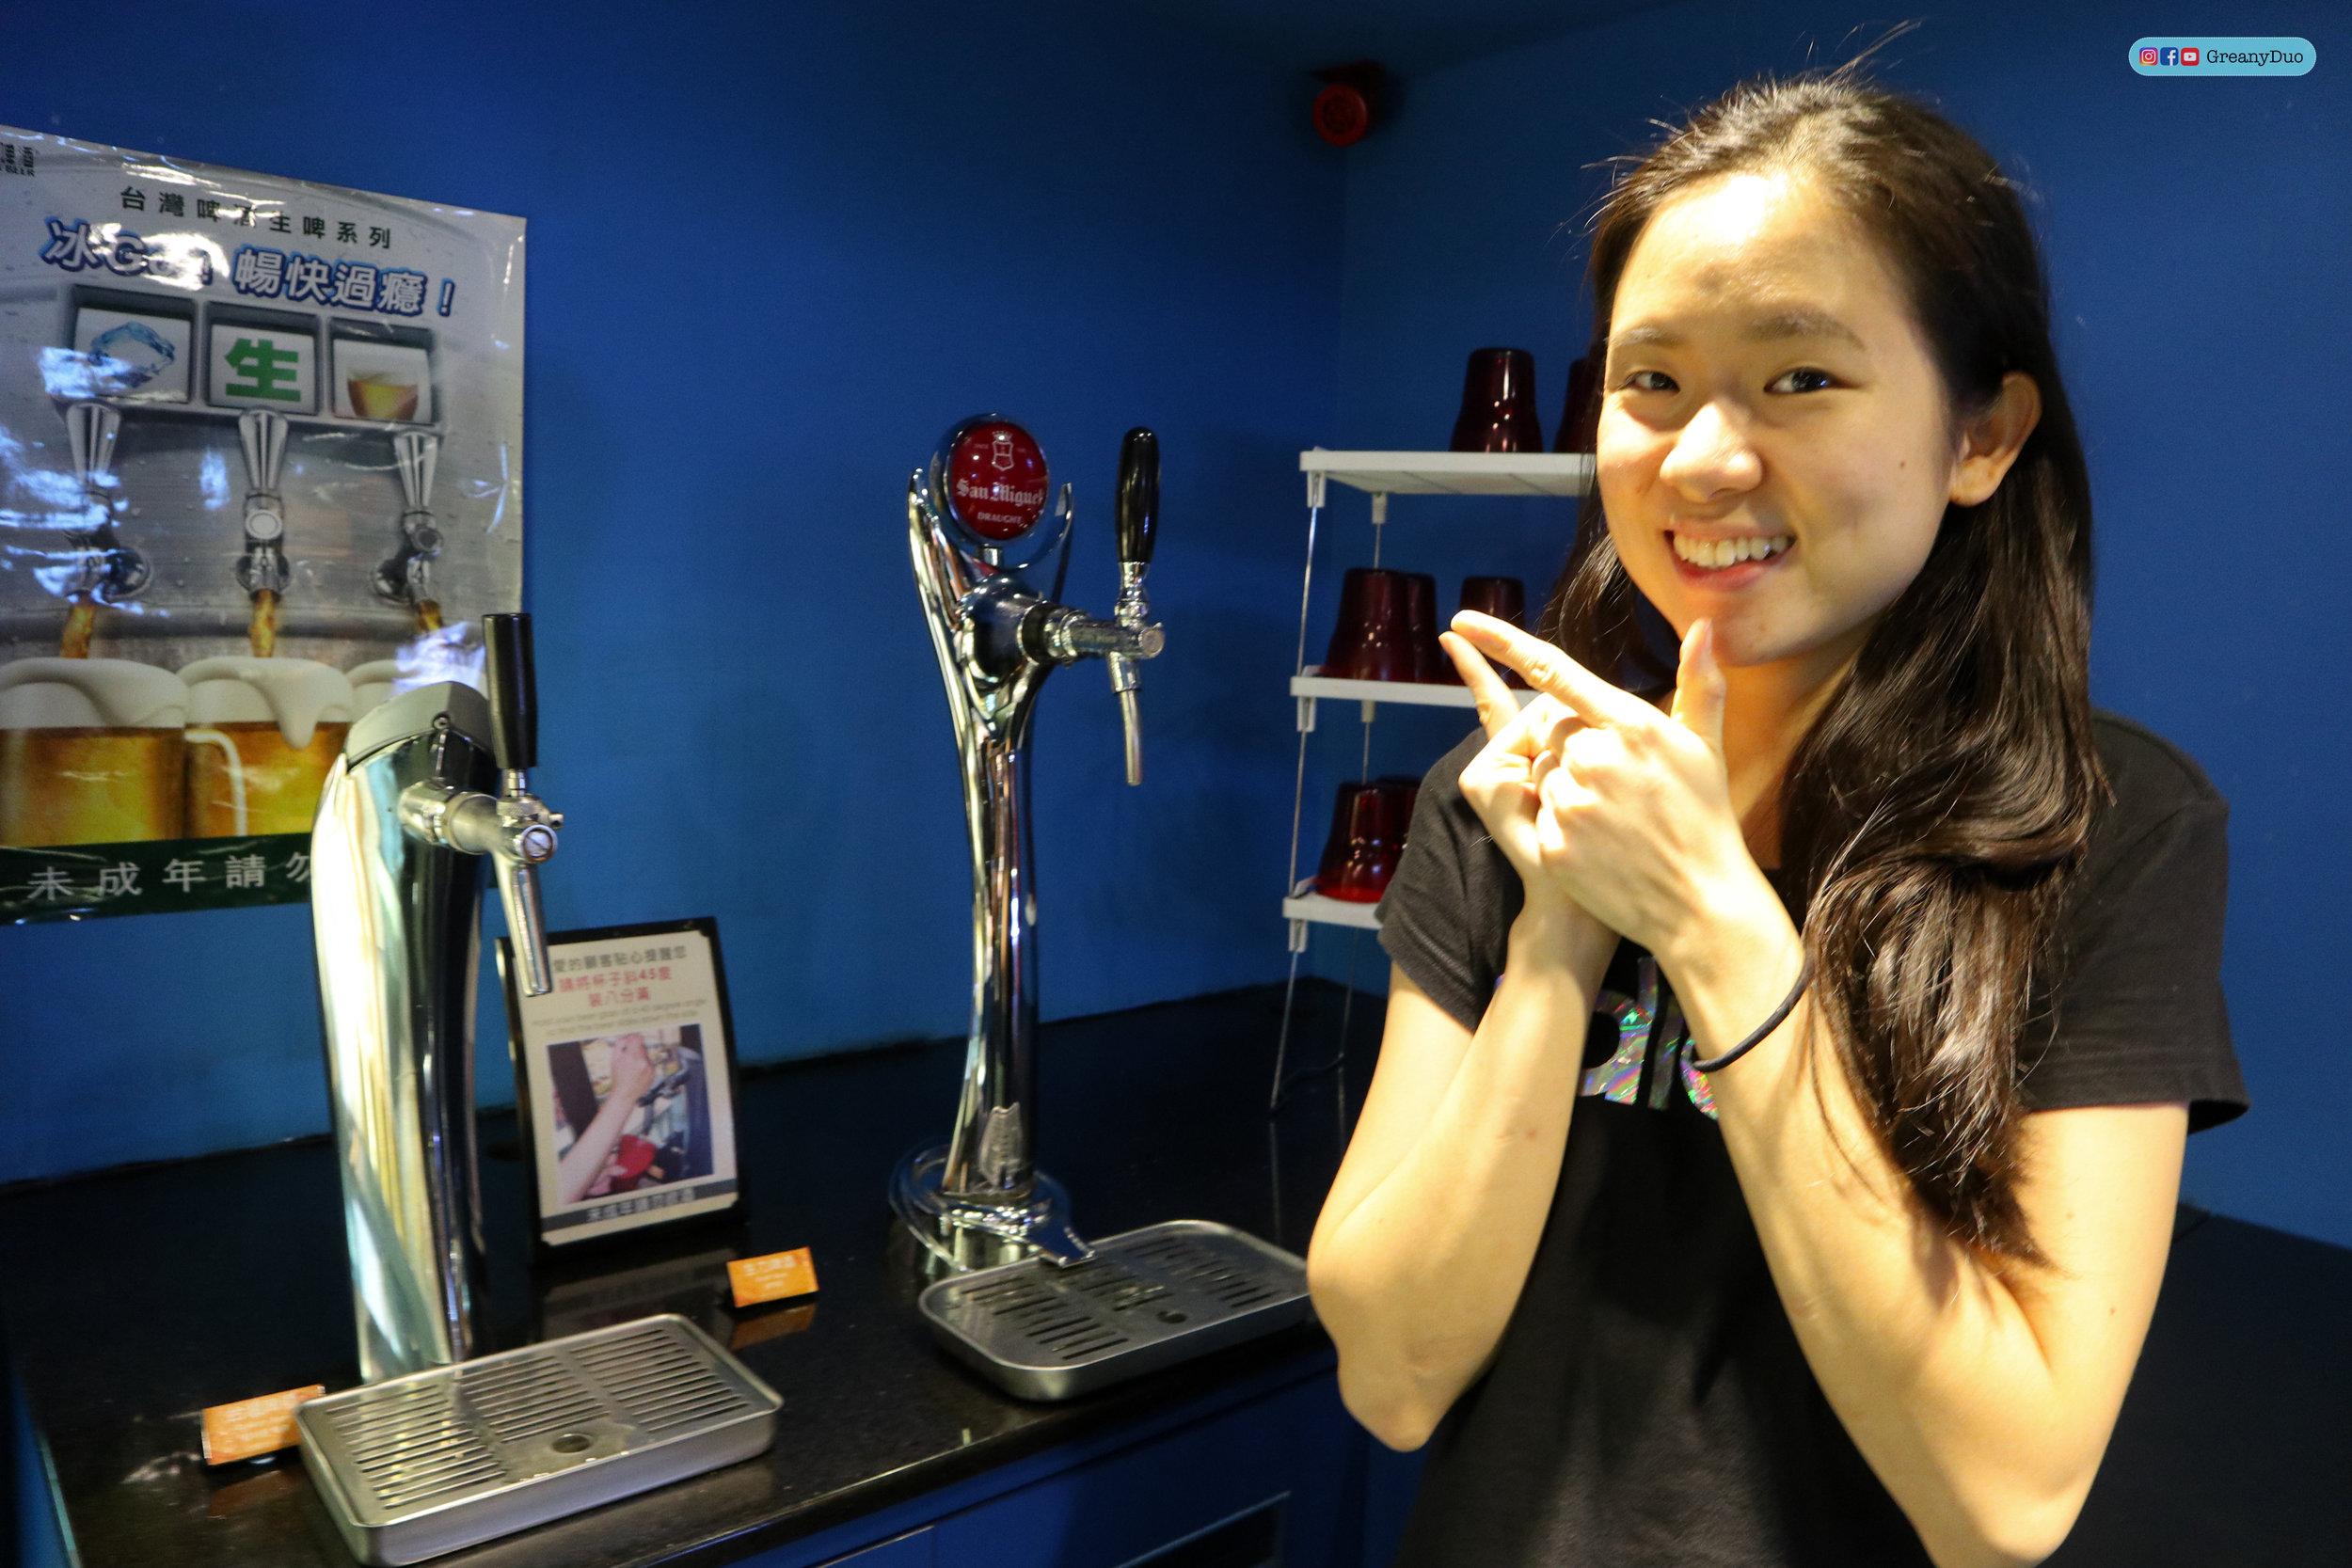 beer bar at บุฟเฟ่ต์ชาบูไต้หวันที่ Hakkai Shabu Shabu ซีเหมินติง